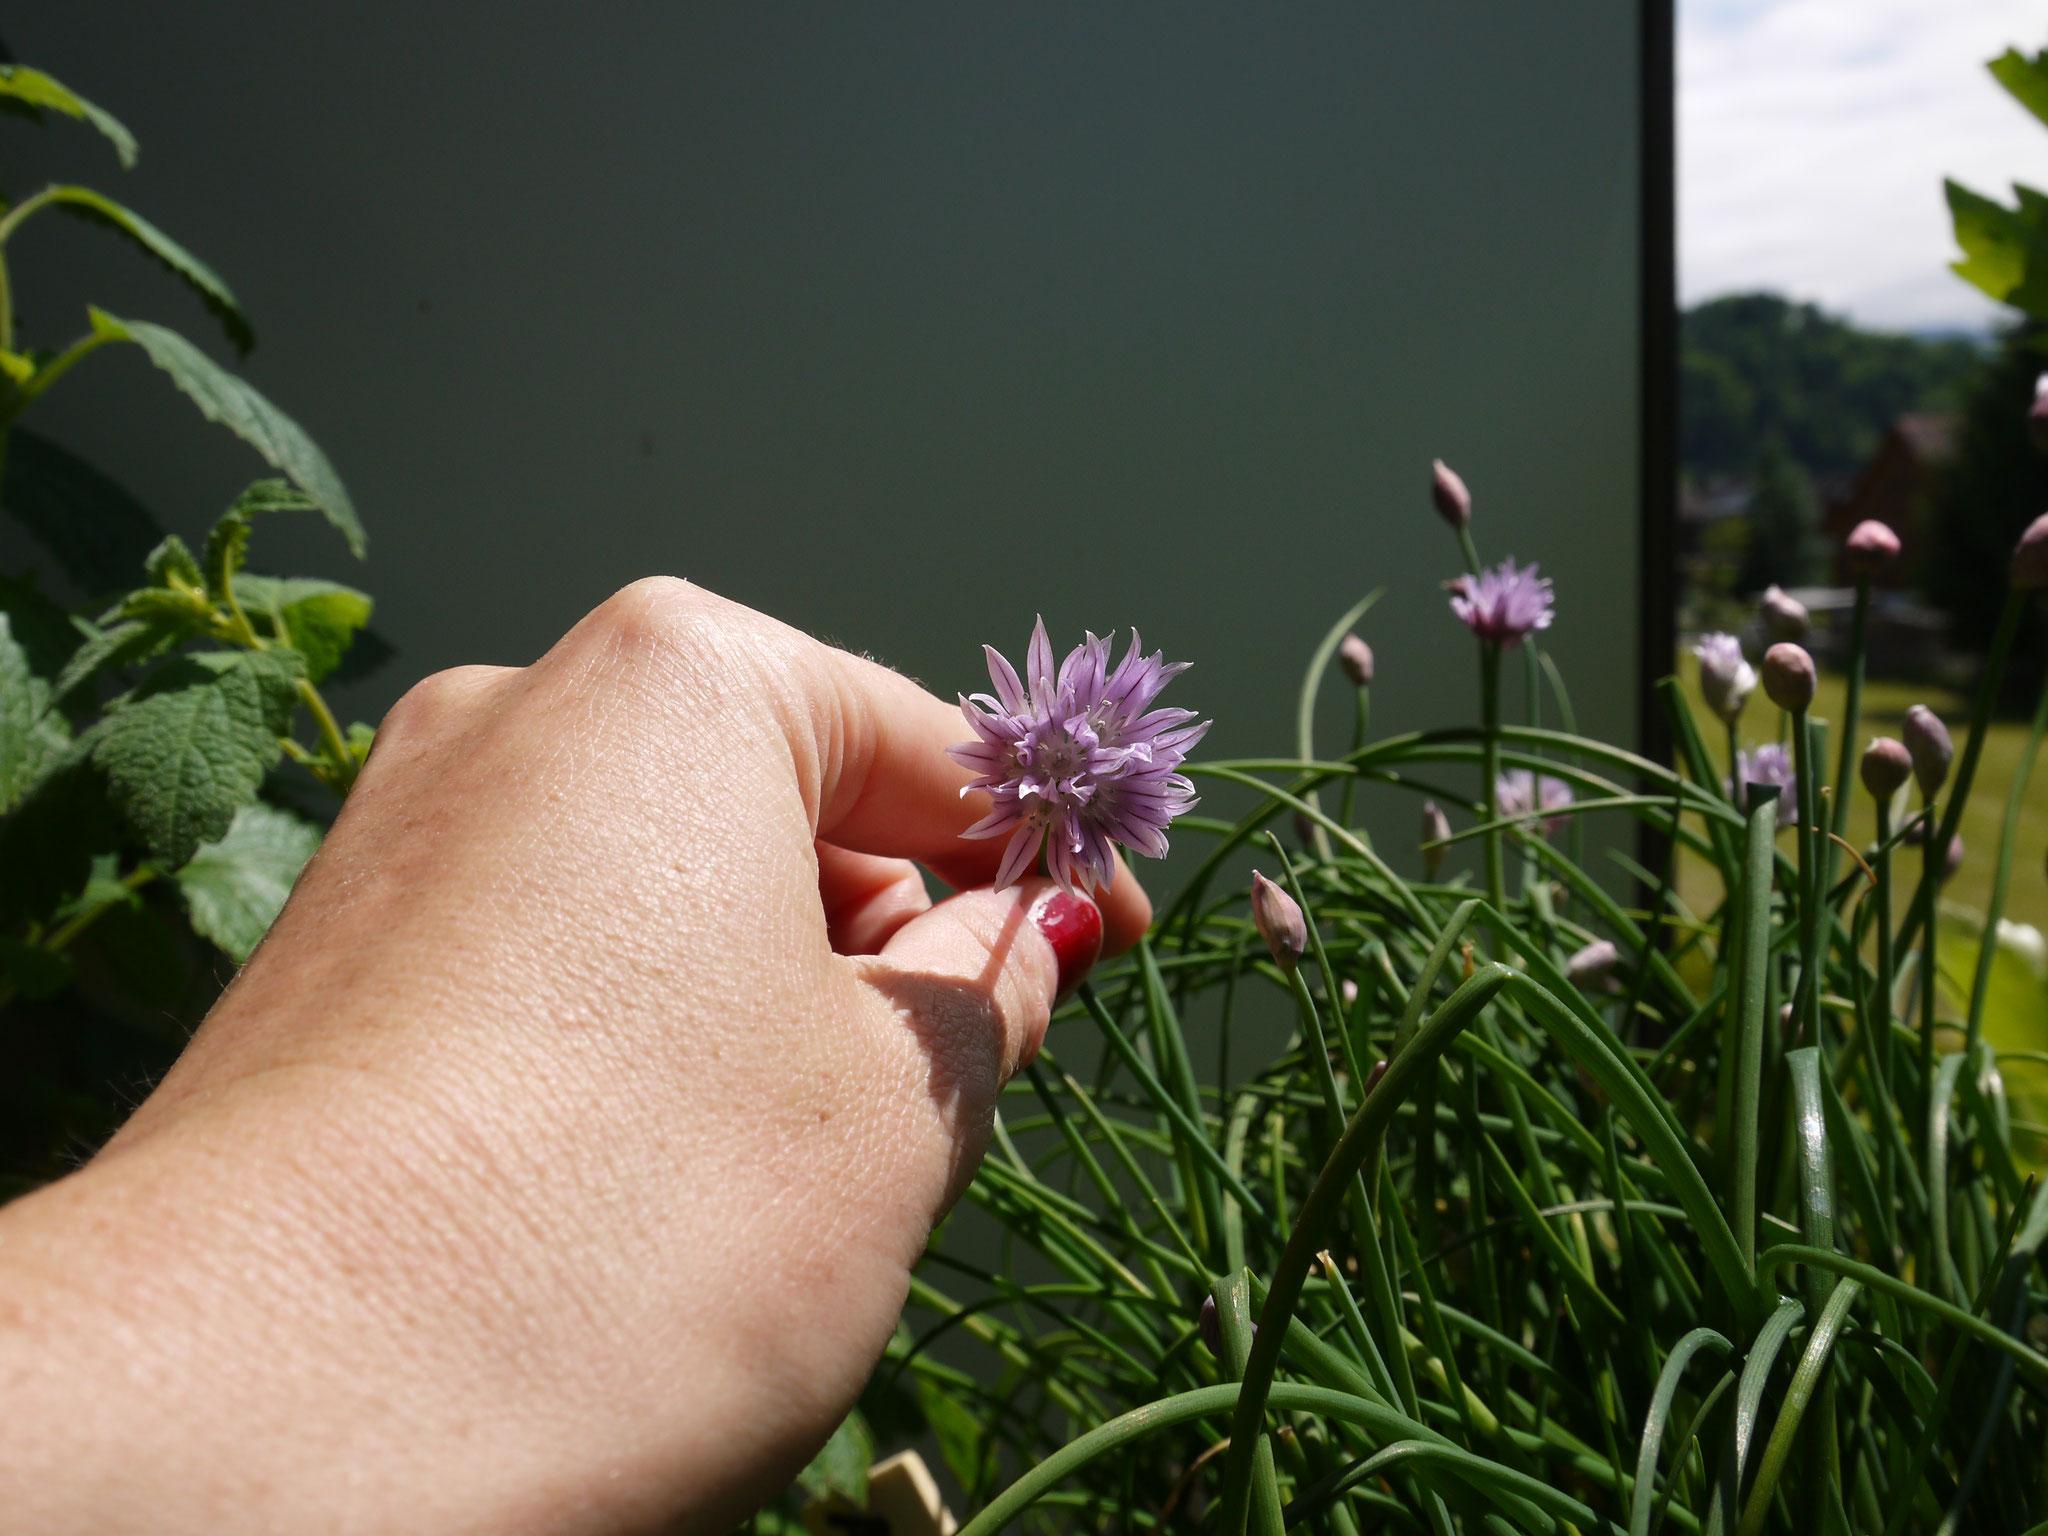 Die Blüten des Schnittlauchs sind nicht nur dekorativ, auch vitaminreich und zum Essen da.